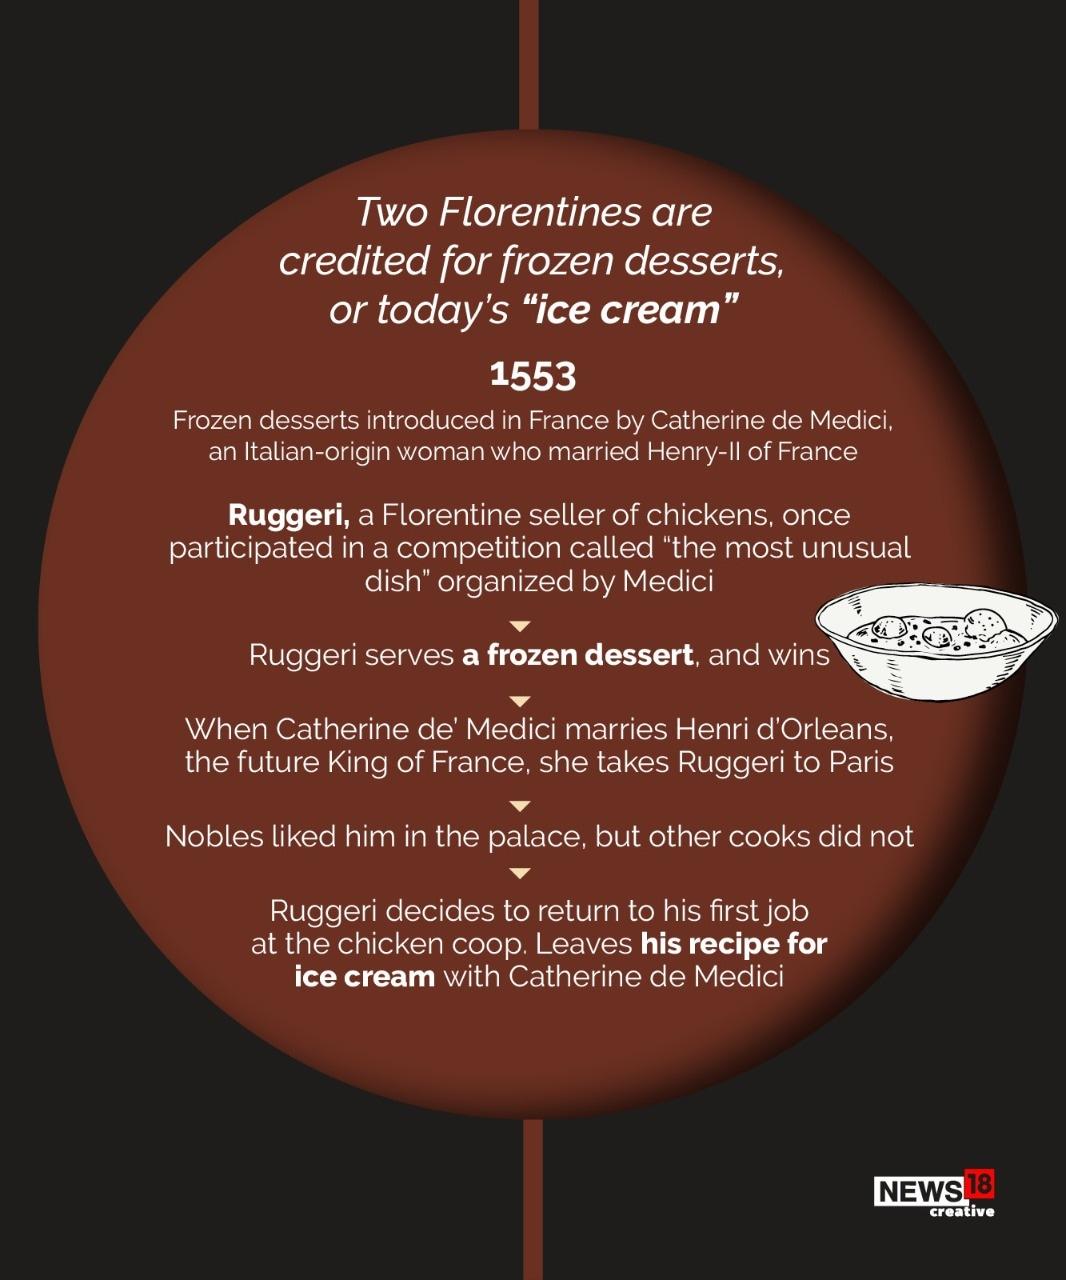 आइसक्रीमचा जन्म नेमक्या कोणत्या देशात झाला याचे ठोस असे दाखले देता येत नाहीत. पण जवळपास 500 वर्षांपूर्वी चीनमध्ये भात व दूध यांच्या मिश्रणातून आइसक्रीमसदृश पदार्थ तयार केला जात असे, त्यातूनच पुढं आईस्क्रीमची निर्मिती झाली असं म्हटलं जातं.